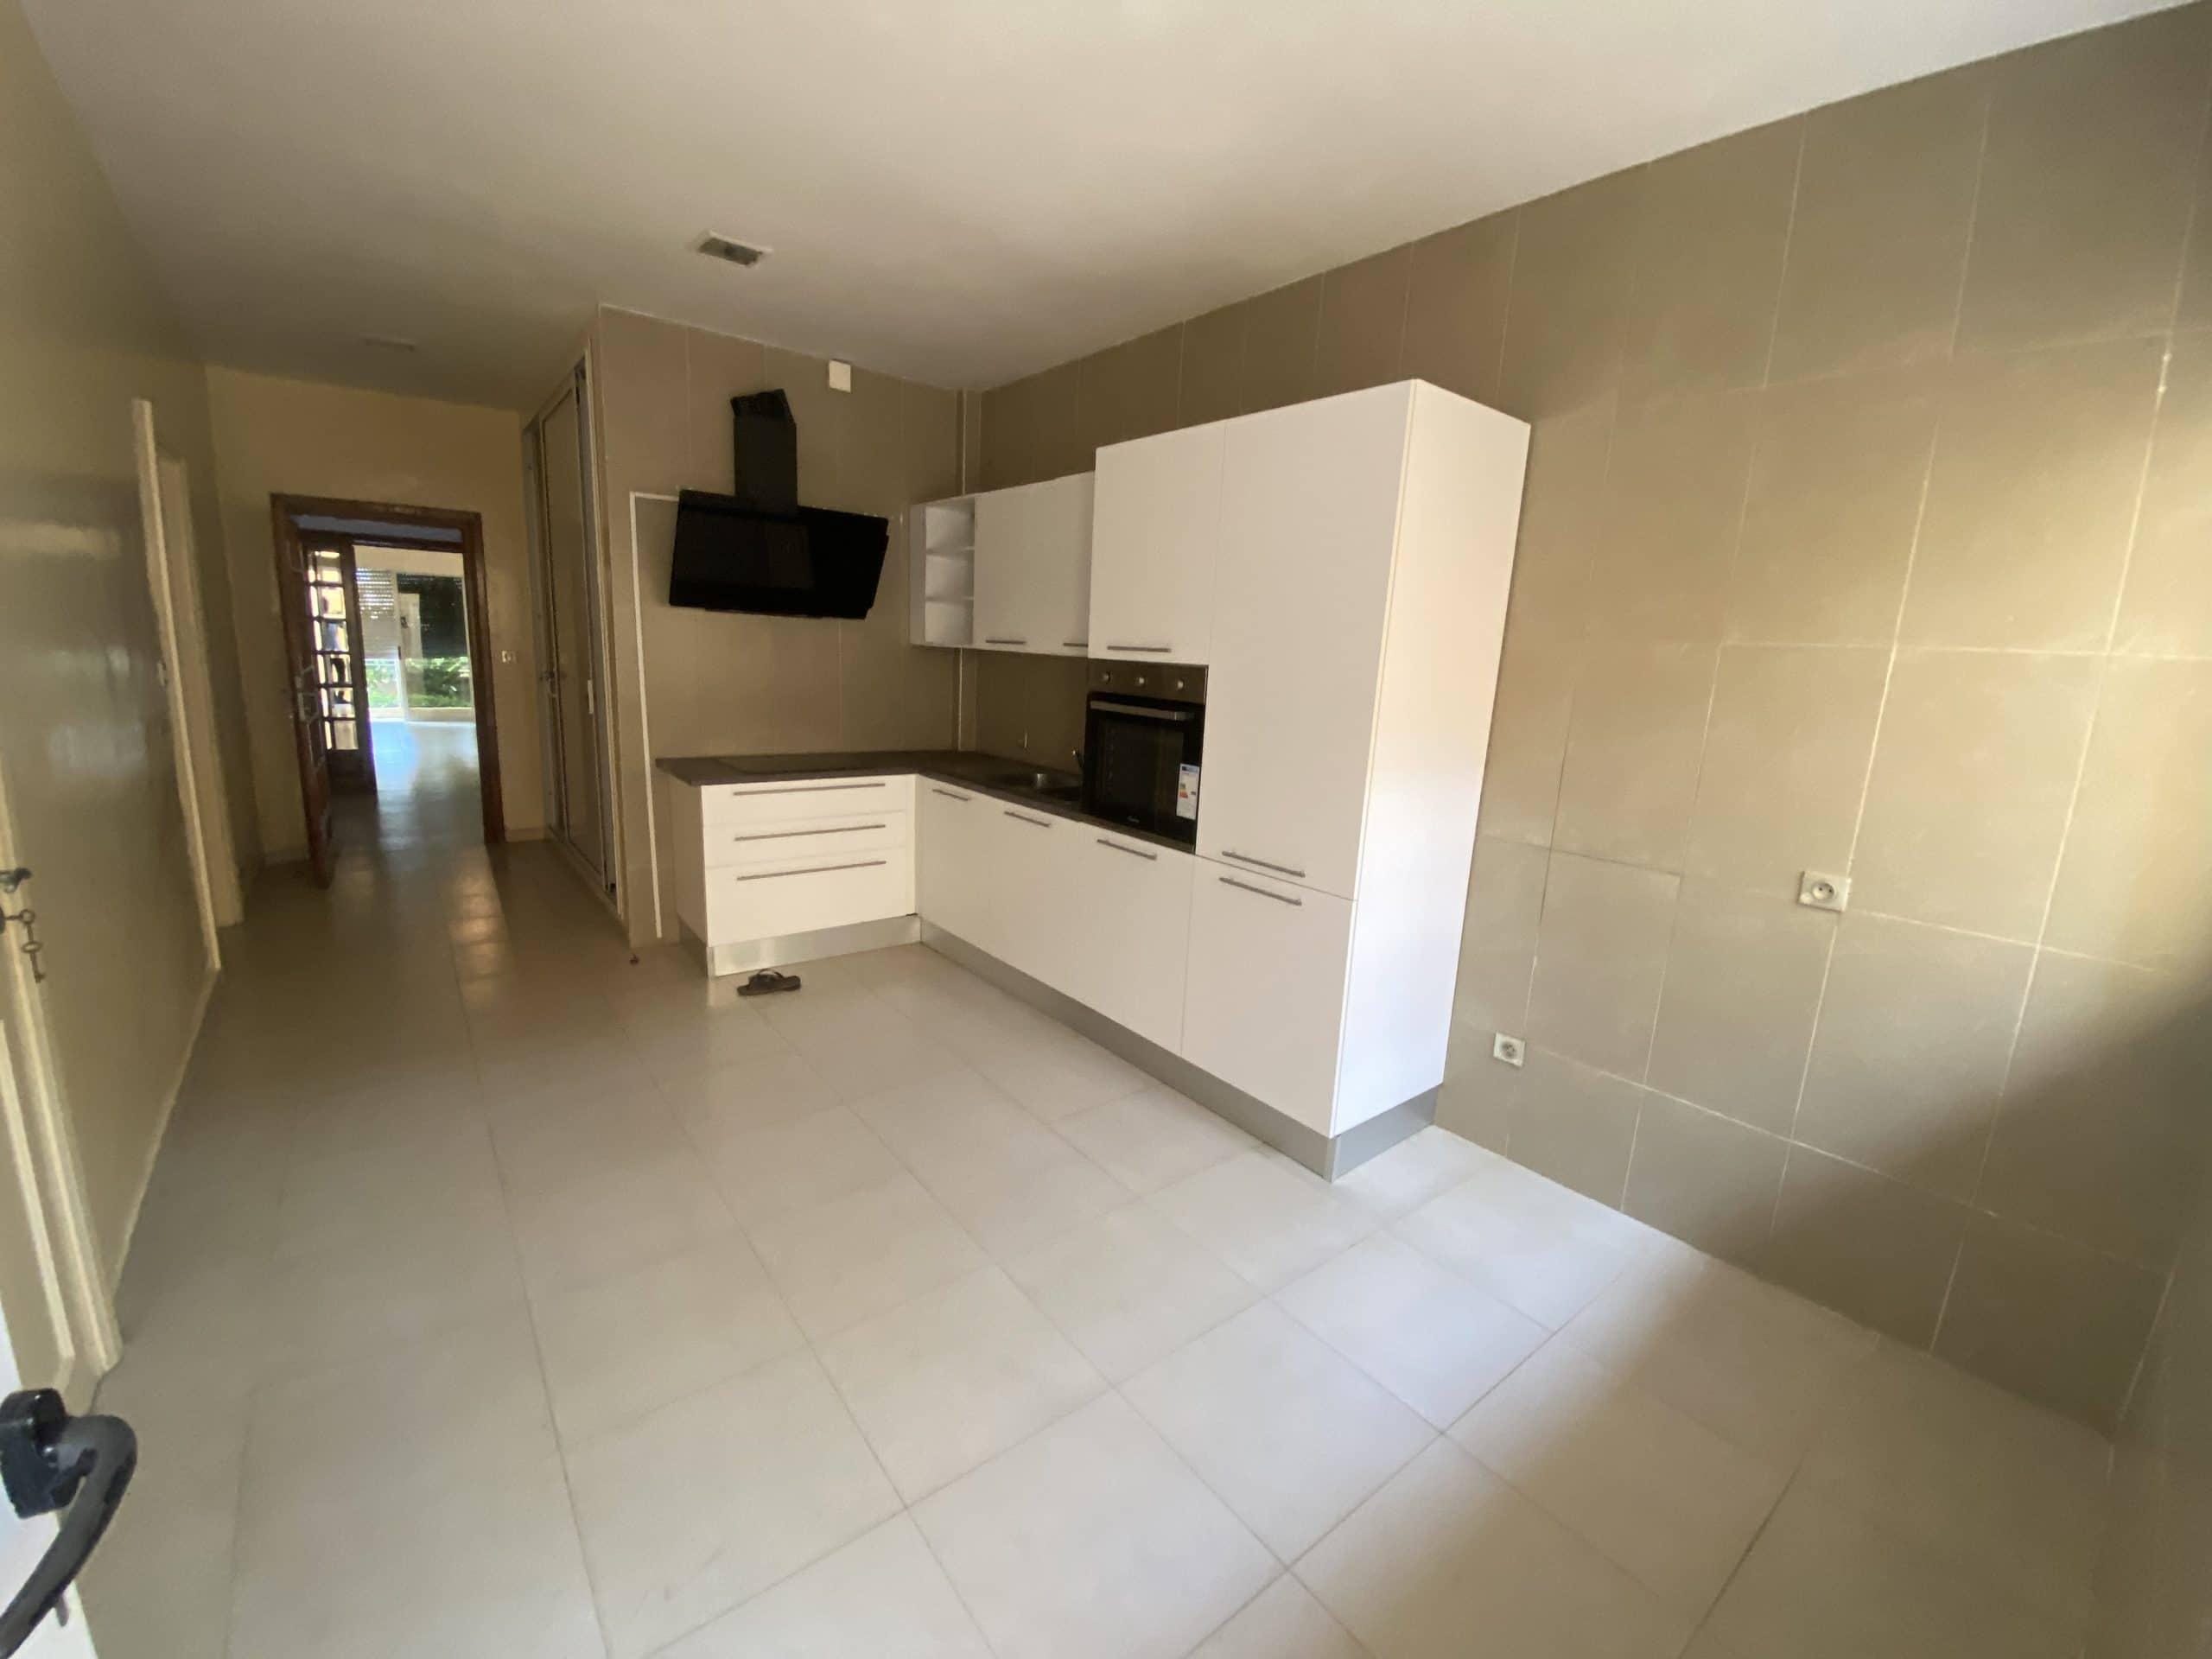 Appartement 4 chambres à louer Almadies